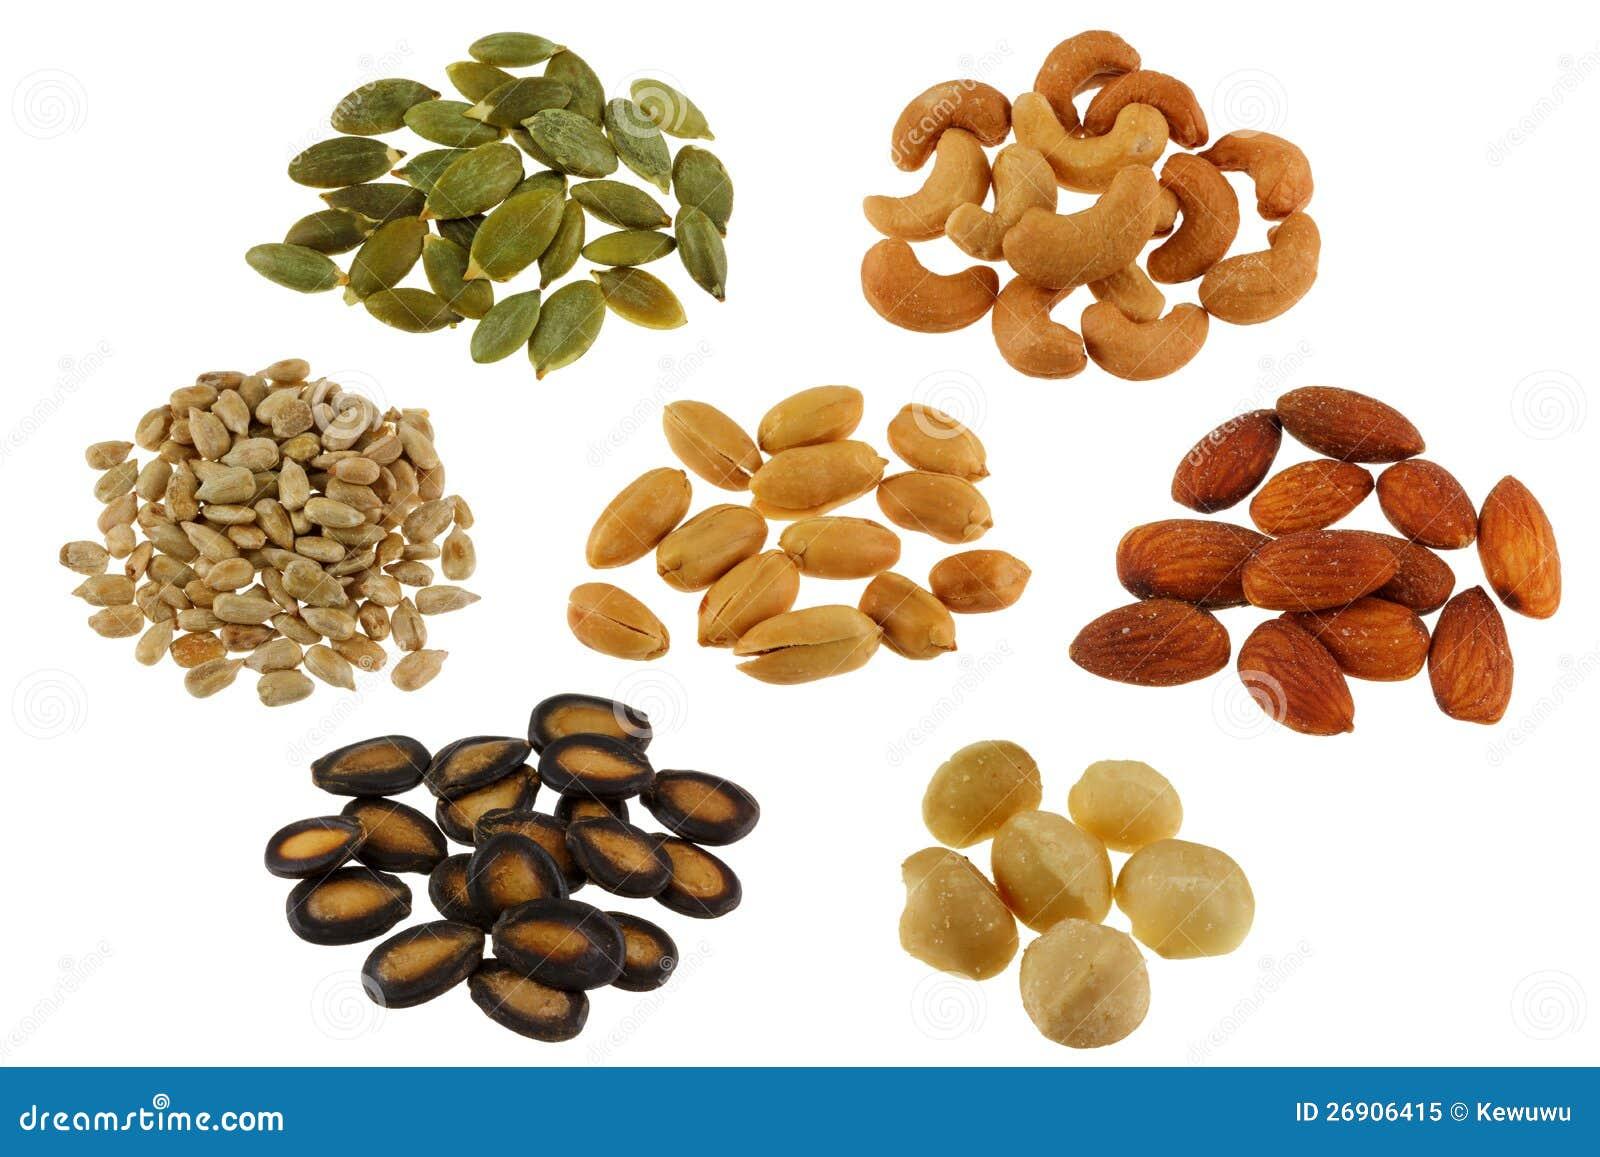 Peanuts Raw Food Diet